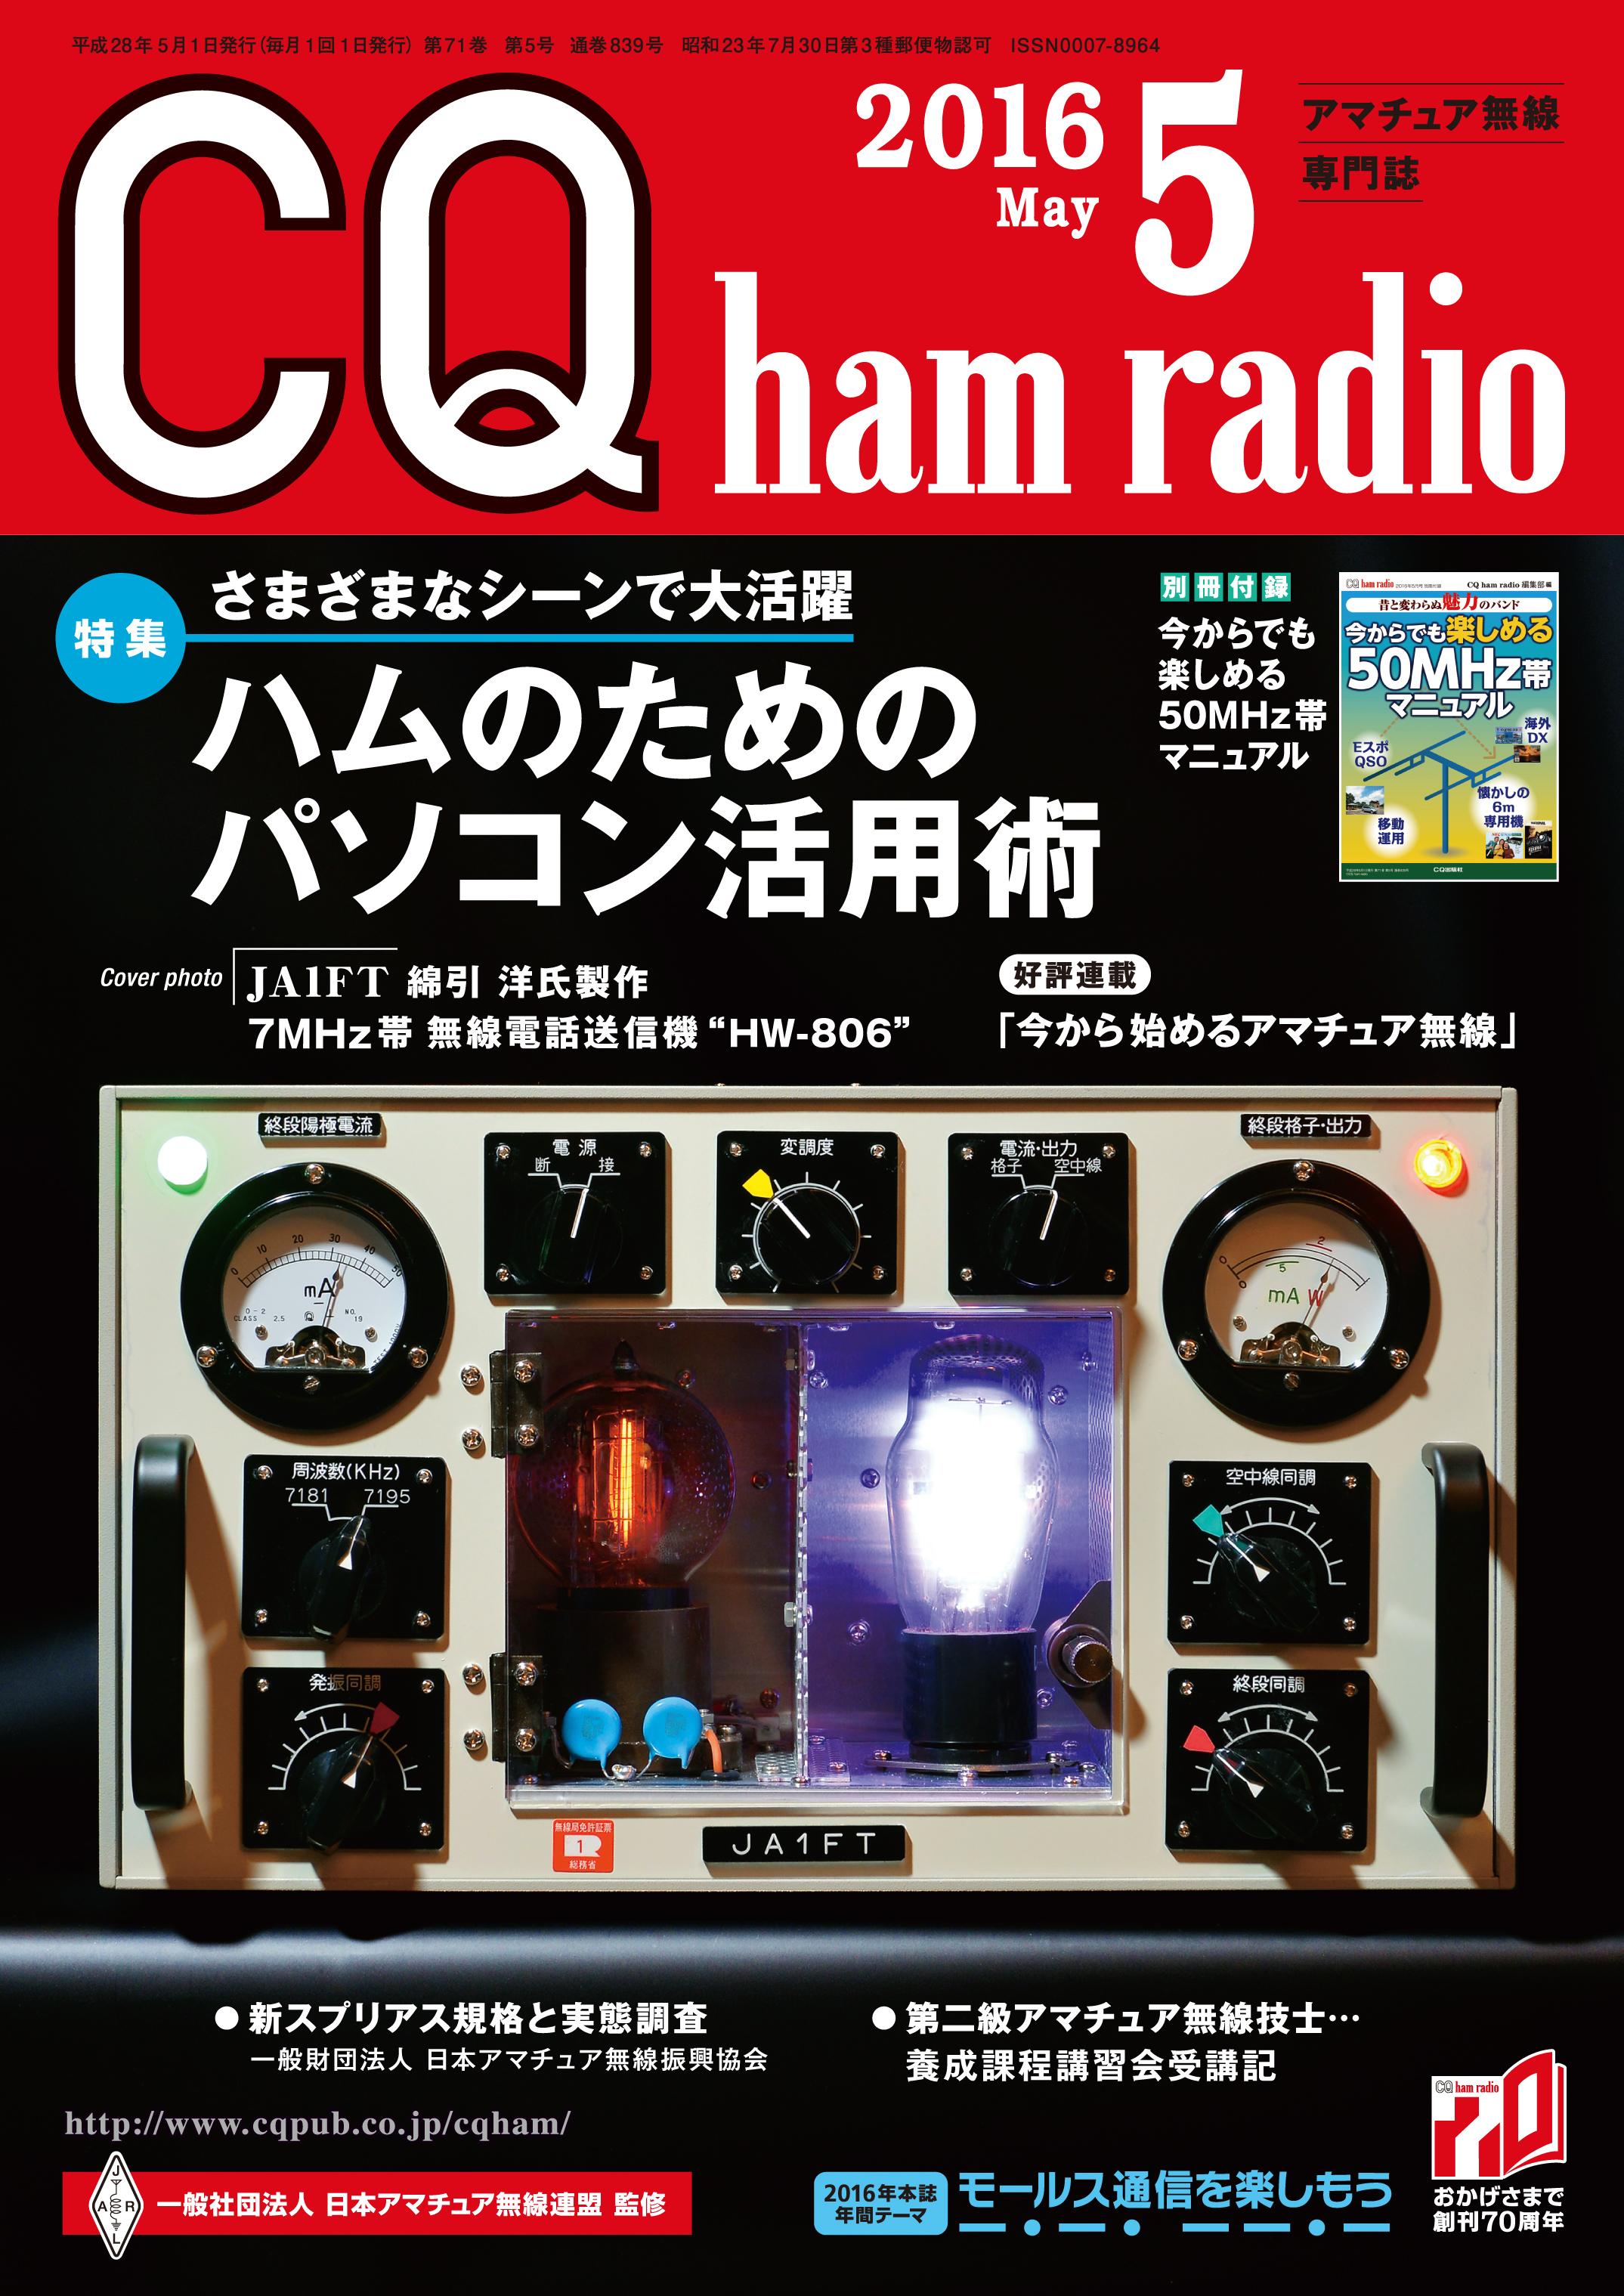 CQ ham radio 2016年5月号